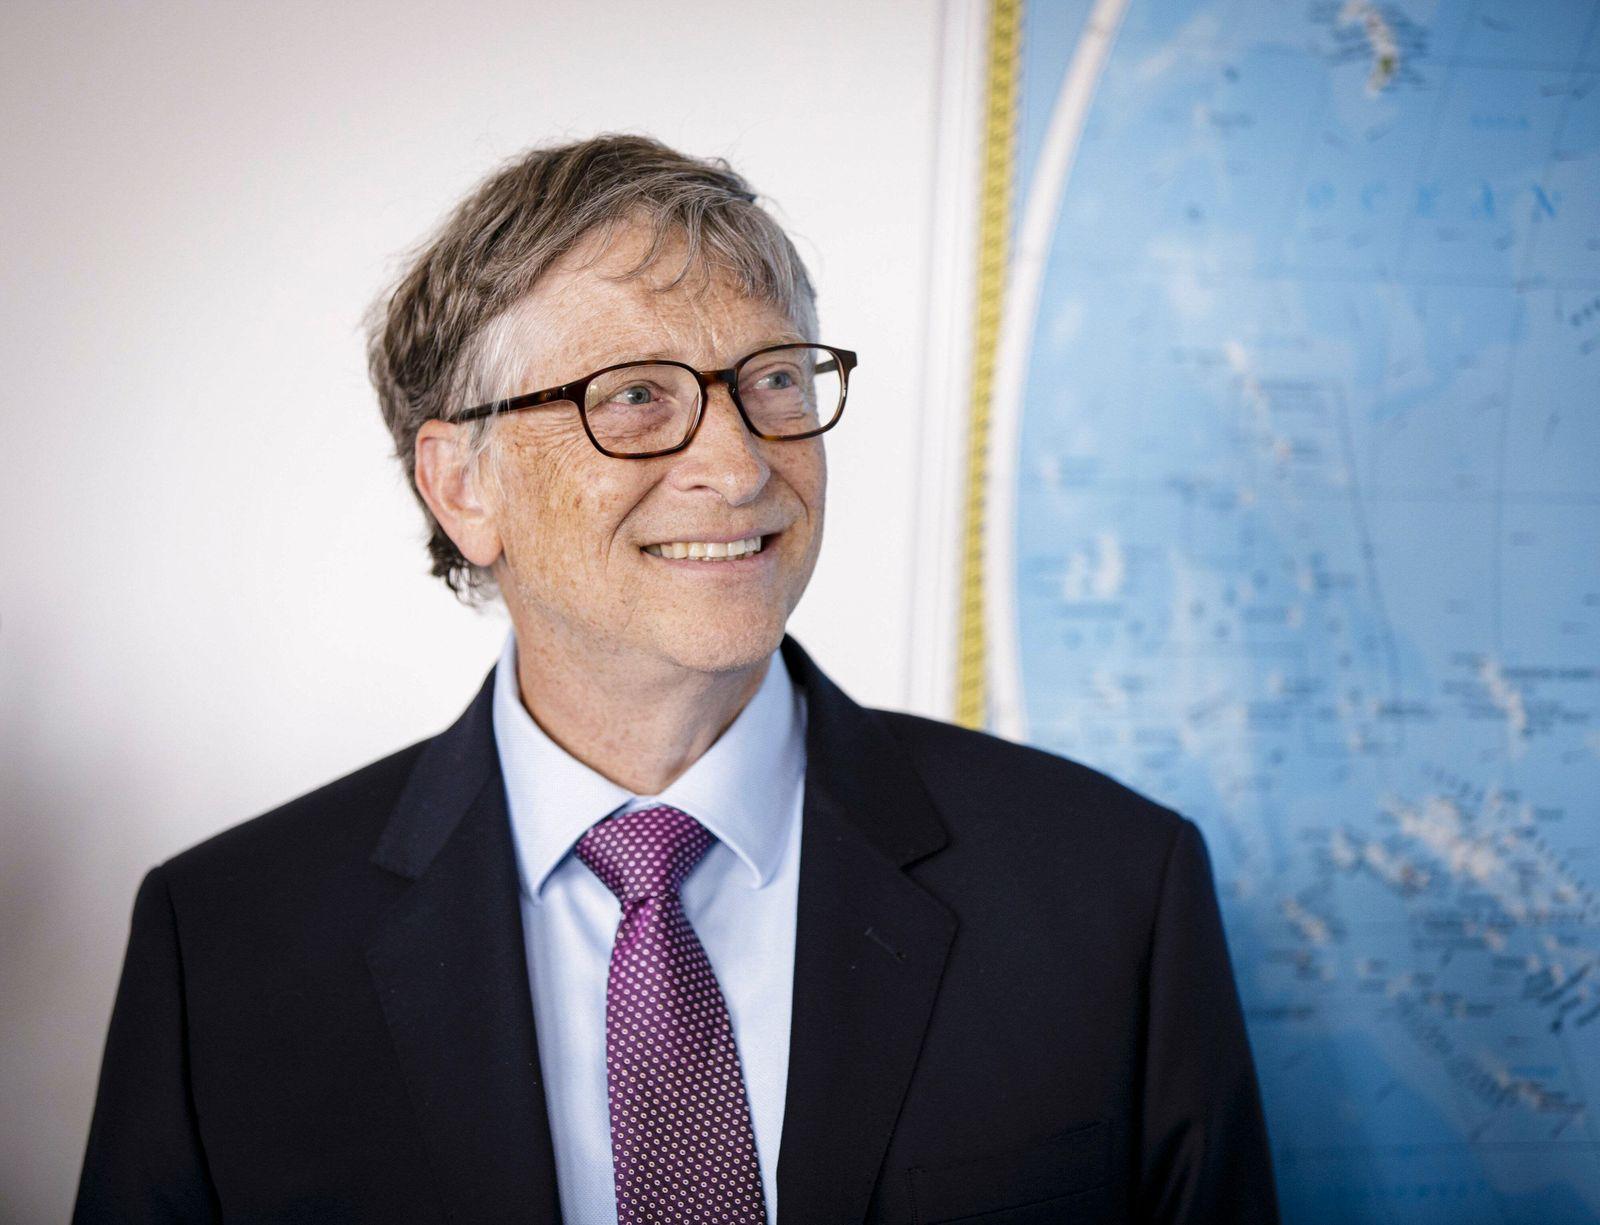 Bill Gates Ko Vorsitzender der Bill und Melinda Gates Stiftung 19 04 2018 Berlin Berlin Deutschl